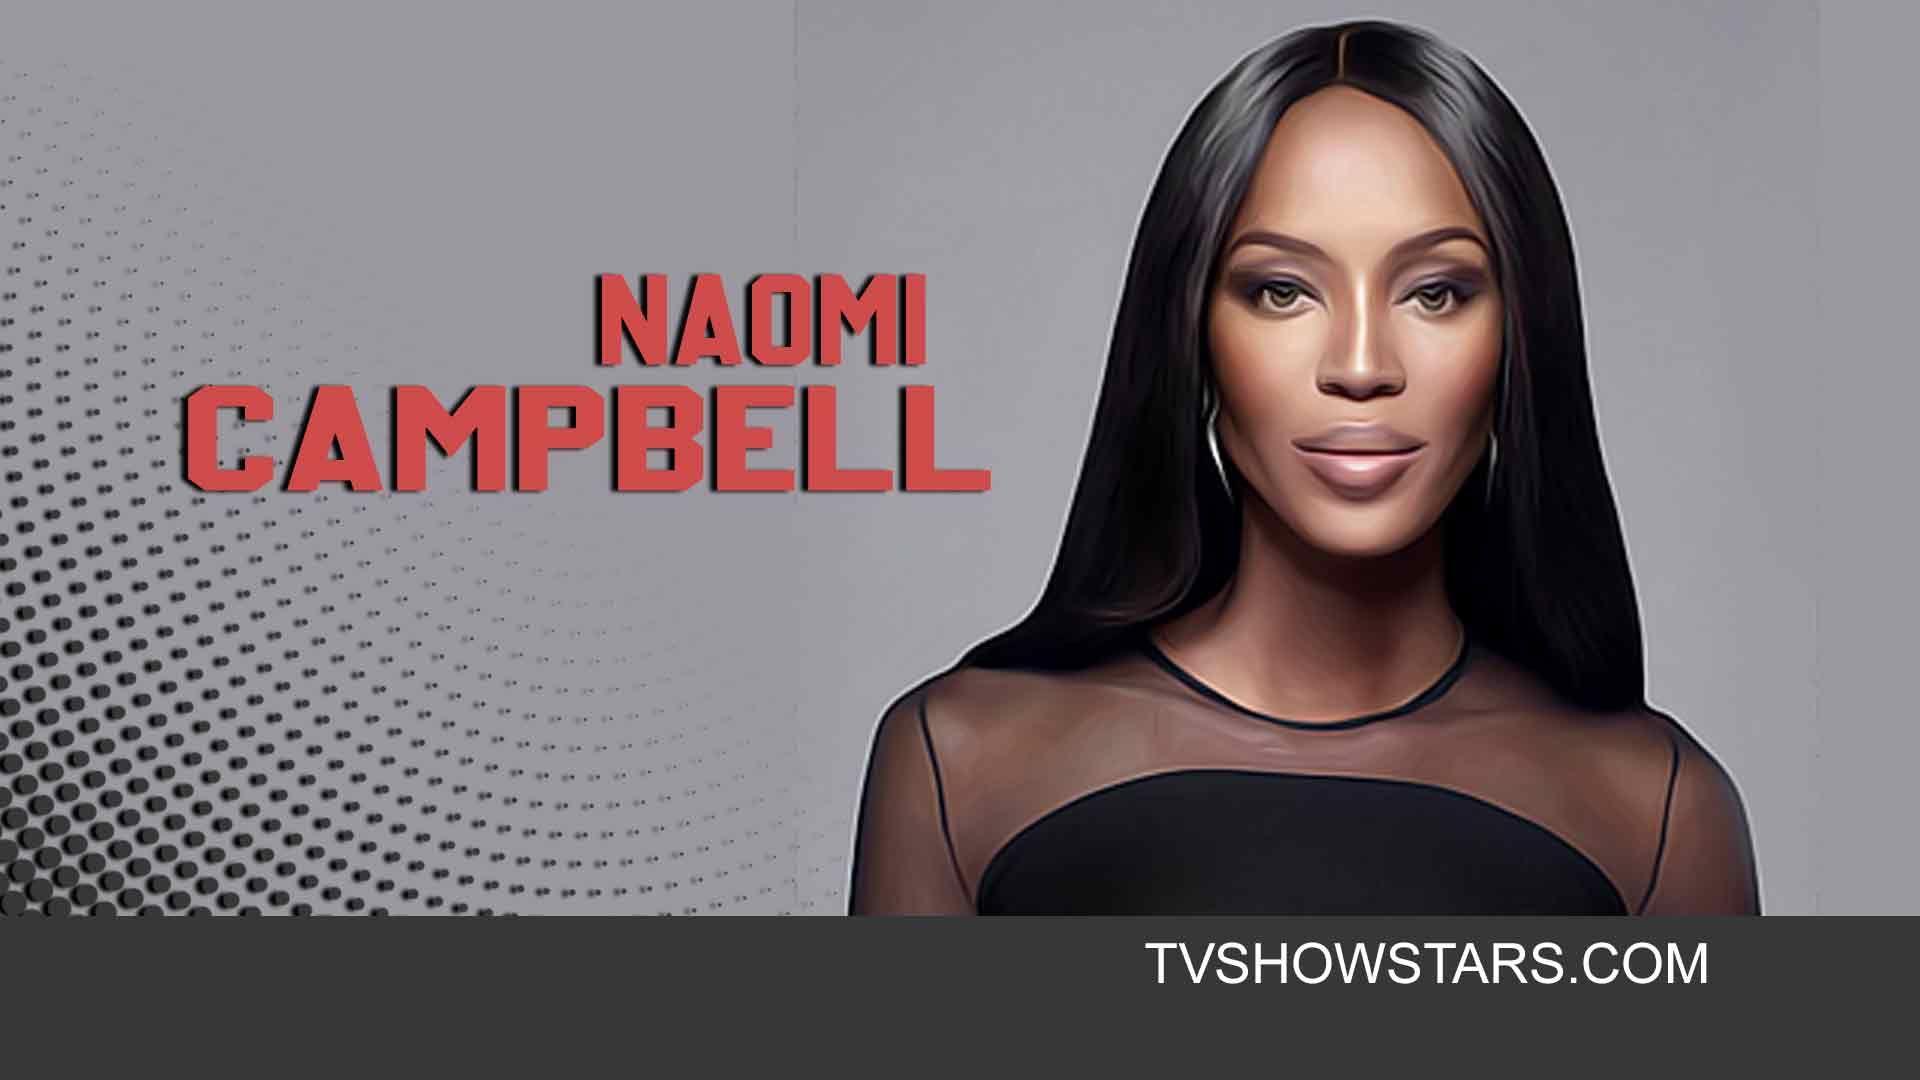 نعومي كامبل ويكي العمر الارتفاع الوظيفة الزوج الثروة الصافية Ig In 2021 Naomi Campbell Celebrities Campbell